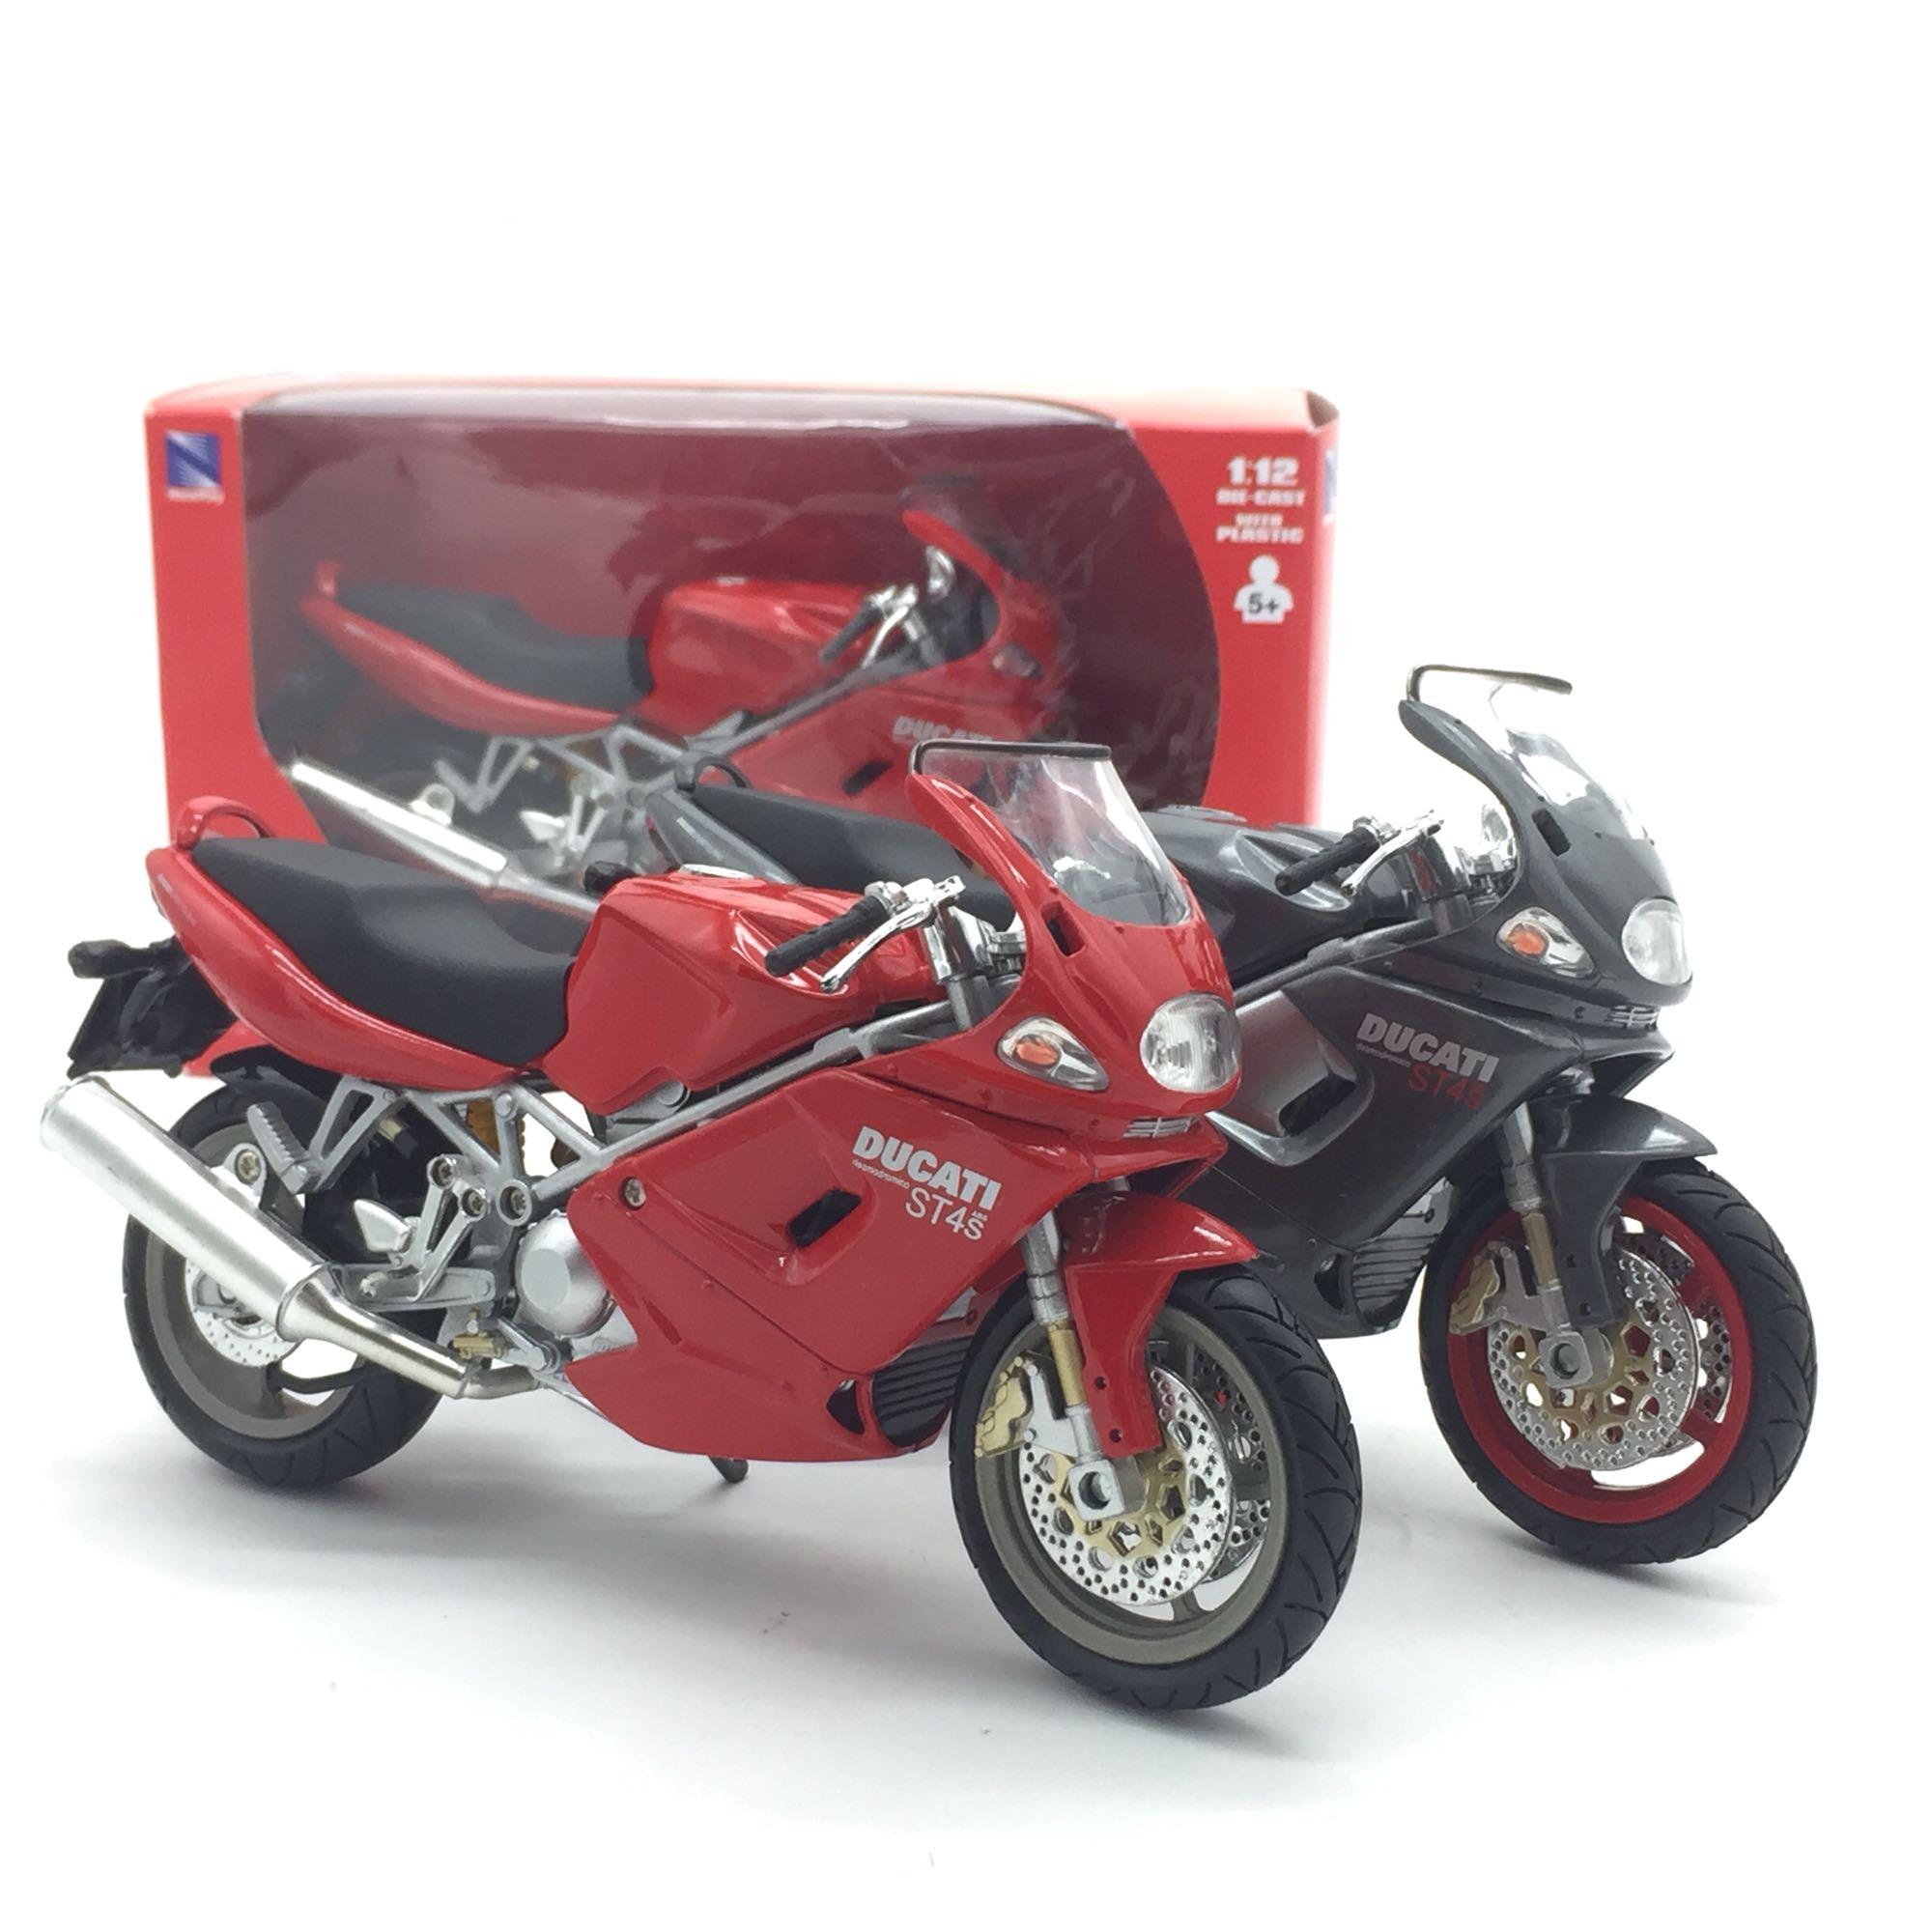 NEWRAY, modelo de motocicleta a escala 1/12, juguete DUCATI ST4S, modelo de motocicleta metálica fundido a presión, juguete para regalo, niños, colección